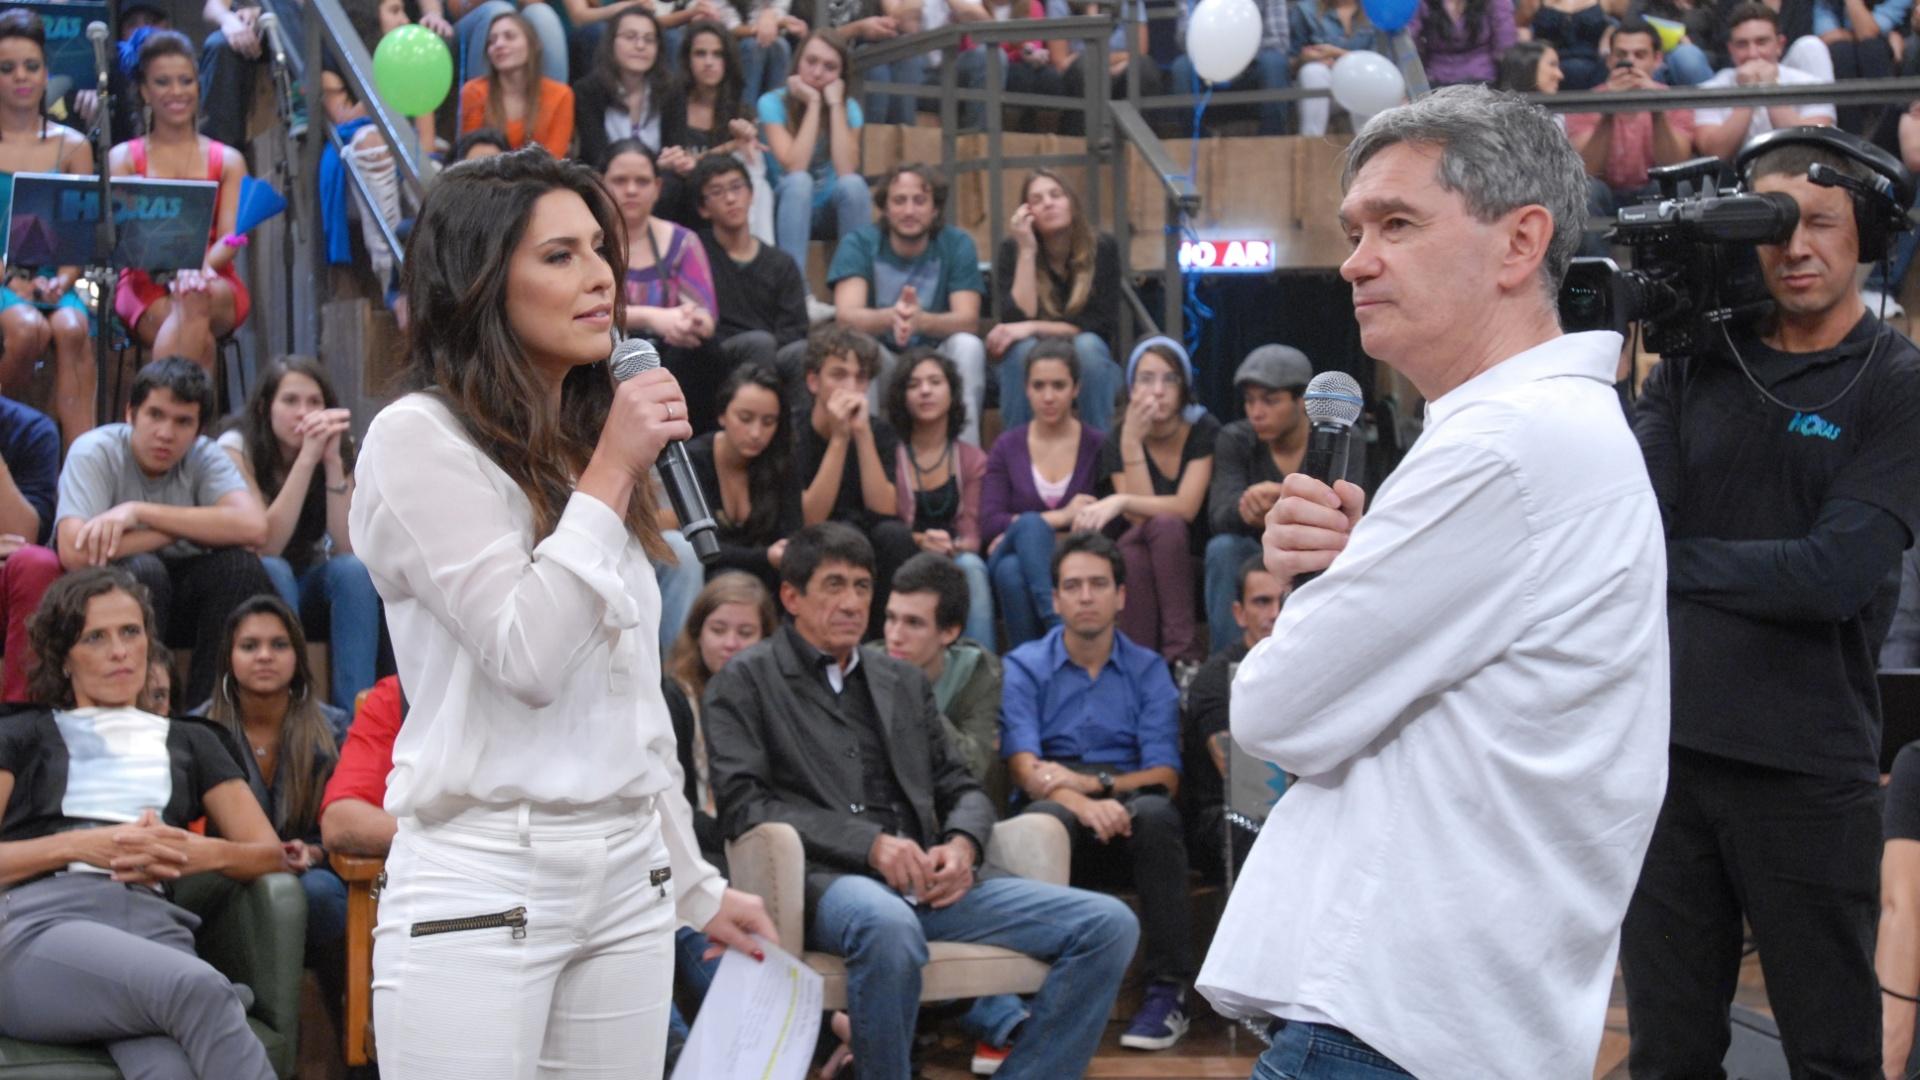 Fernanda Paes Leme ajuda em aniversário do